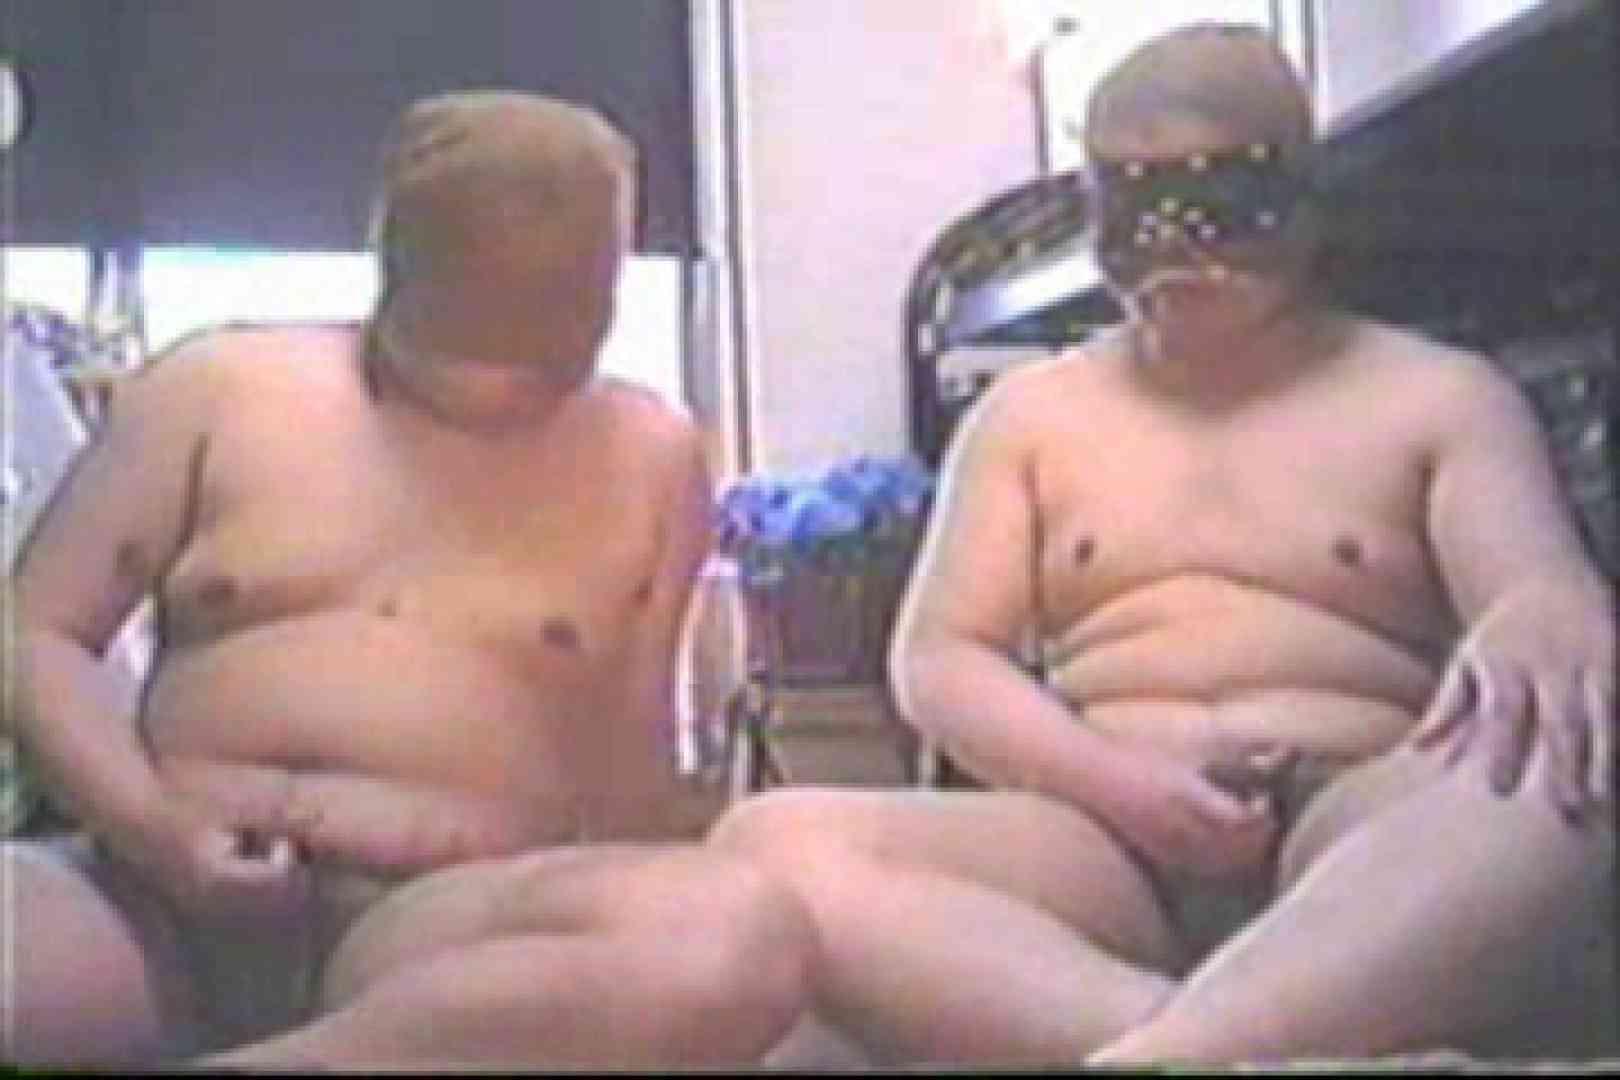 【実録】パンスト仮面は真性包茎!!Hなぽっちゃりカップル ゲイカップル   男のデブ  12枚 8